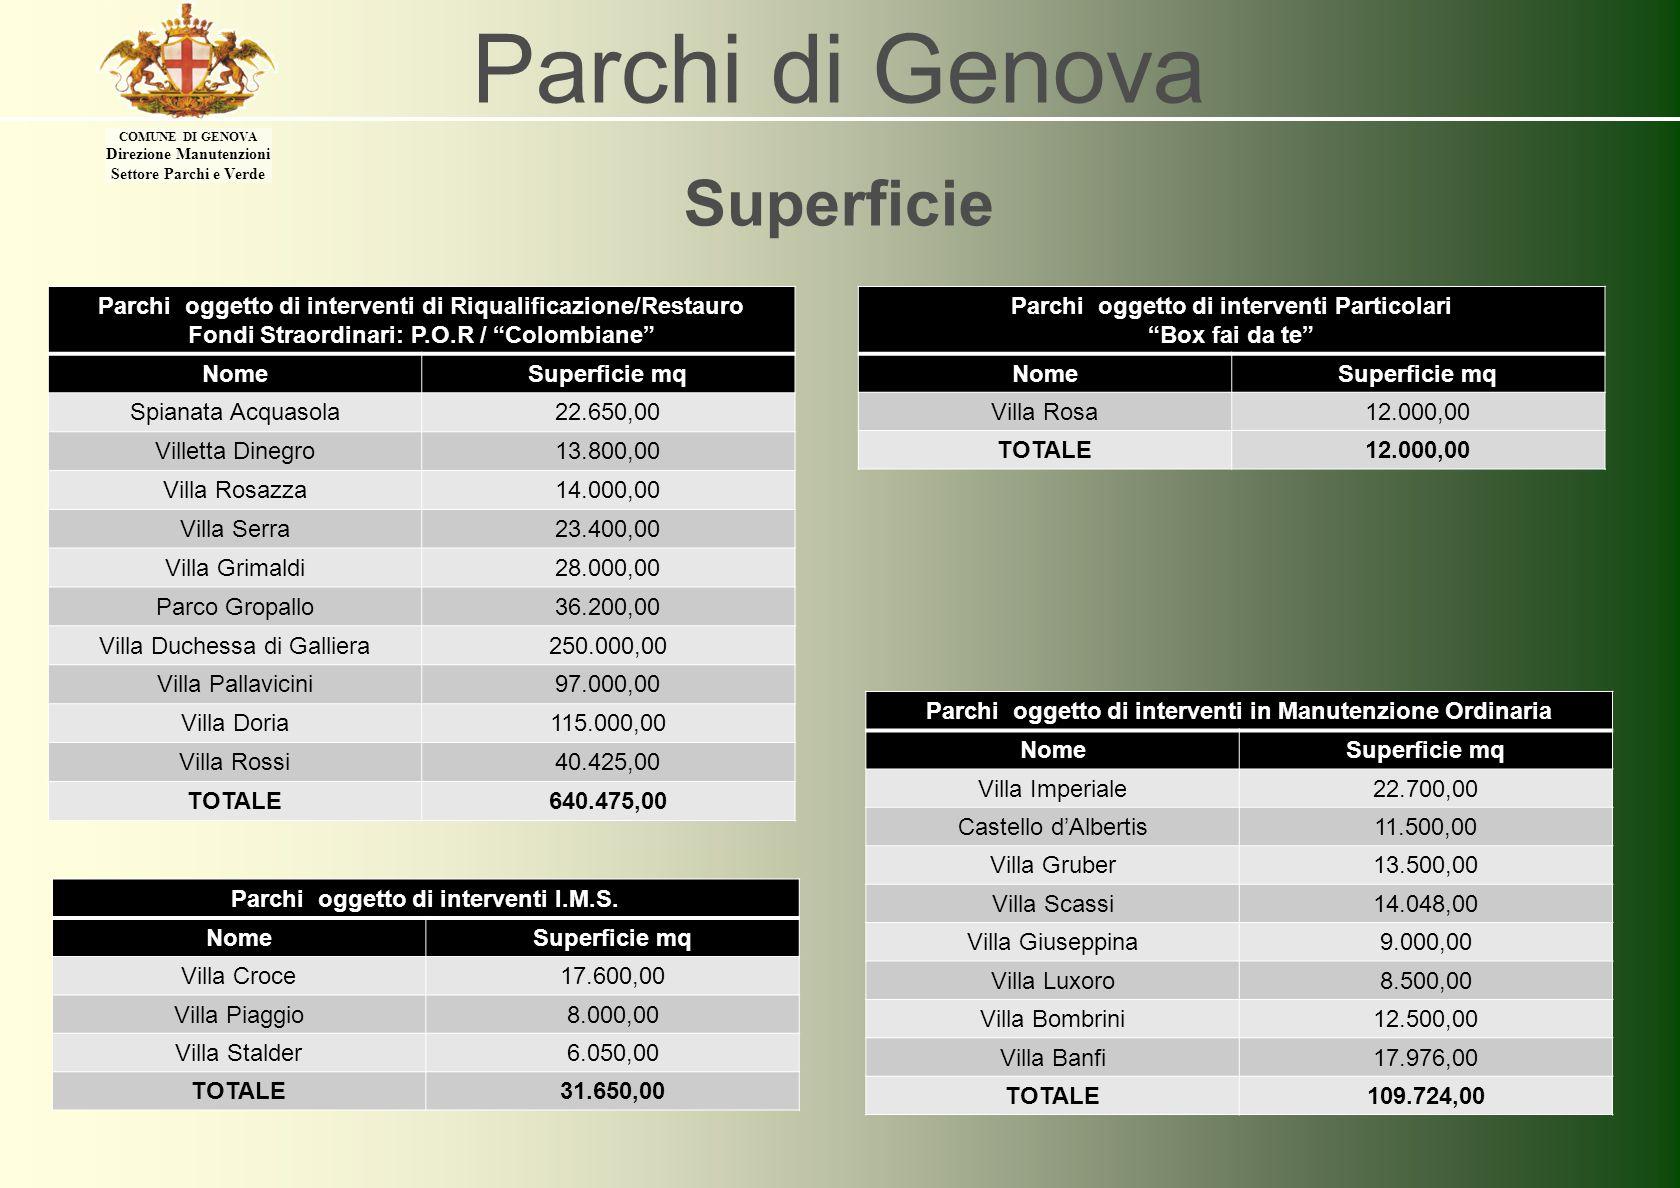 COMUNE DI GENOVA Direzione Manutenzioni Settore Parchi e Verde Parchi di Genova ELEMENTI COSTITUENTI Agli elementi sopra indicati si aggiunge la componente ARREDO E MANUFATTI che contempla: 1)VIALI INTERNI CARRABILI 2)VIALI INTERNI PEDONALI 3)ARREDI DUSO (PANCHINE, CESTINI, FONTANELLE) 4)EDIFICI DI PERTINENZA ALLA VILLA STORICA 5)MANUFATTI ORNAMENTALI (STATUE, FONTANE, GIOCHI DACQUA, SERRE STORICHE) 6)AREE E ZONE LUDICHE ATTREZZATE Agli elementi sopra indicati si aggiunge la componente ARREDO E MANUFATTI che contempla: 1)VIALI INTERNI CARRABILI 2)VIALI INTERNI PEDONALI 3)ARREDI DUSO (PANCHINE, CESTINI, FONTANELLE) 4)EDIFICI DI PERTINENZA ALLA VILLA STORICA 5)MANUFATTI ORNAMENTALI (STATUE, FONTANE, GIOCHI DACQUA, SERRE STORICHE) 6)AREE E ZONE LUDICHE ATTREZZATE Ognuno dei parchi oggetto della presente analisi, seppure rappresenti un unicum per le peculiarità che lo contraddistinguono, può essere analizzato evidenziando gli ELEMENTI PRIMARI che lo costituiscono così individuati: ELEMENTI VEGETAZIONALI ARREDO E MANUFATTI Ognuno dei parchi oggetto della presente analisi, seppure rappresenti un unicum per le peculiarità che lo contraddistinguono, può essere analizzato evidenziando gli ELEMENTI PRIMARI che lo costituiscono così individuati: ELEMENTI VEGETAZIONALI ARREDO E MANUFATTI Gli ELEMENTI VEGETAZIONALI che caratterizzano ogni parco sono stati così individuati: 1)COMPONENTE ARBOREA ORNAMENTALE 2)COMPONENTE ARBOREA FORESTALE 3)PIANO ARBUSTIVO IN FORMA OBBLIGATA 4)PIANO ARBUSTIVO IN FORMA LIBERA 5)SUPERFICI A FIORITURA 6) PRATI Gli ELEMENTI VEGETAZIONALI che caratterizzano ogni parco sono stati così individuati: 1)COMPONENTE ARBOREA ORNAMENTALE 2)COMPONENTE ARBOREA FORESTALE 3)PIANO ARBUSTIVO IN FORMA OBBLIGATA 4)PIANO ARBUSTIVO IN FORMA LIBERA 5)SUPERFICI A FIORITURA 6) PRATI